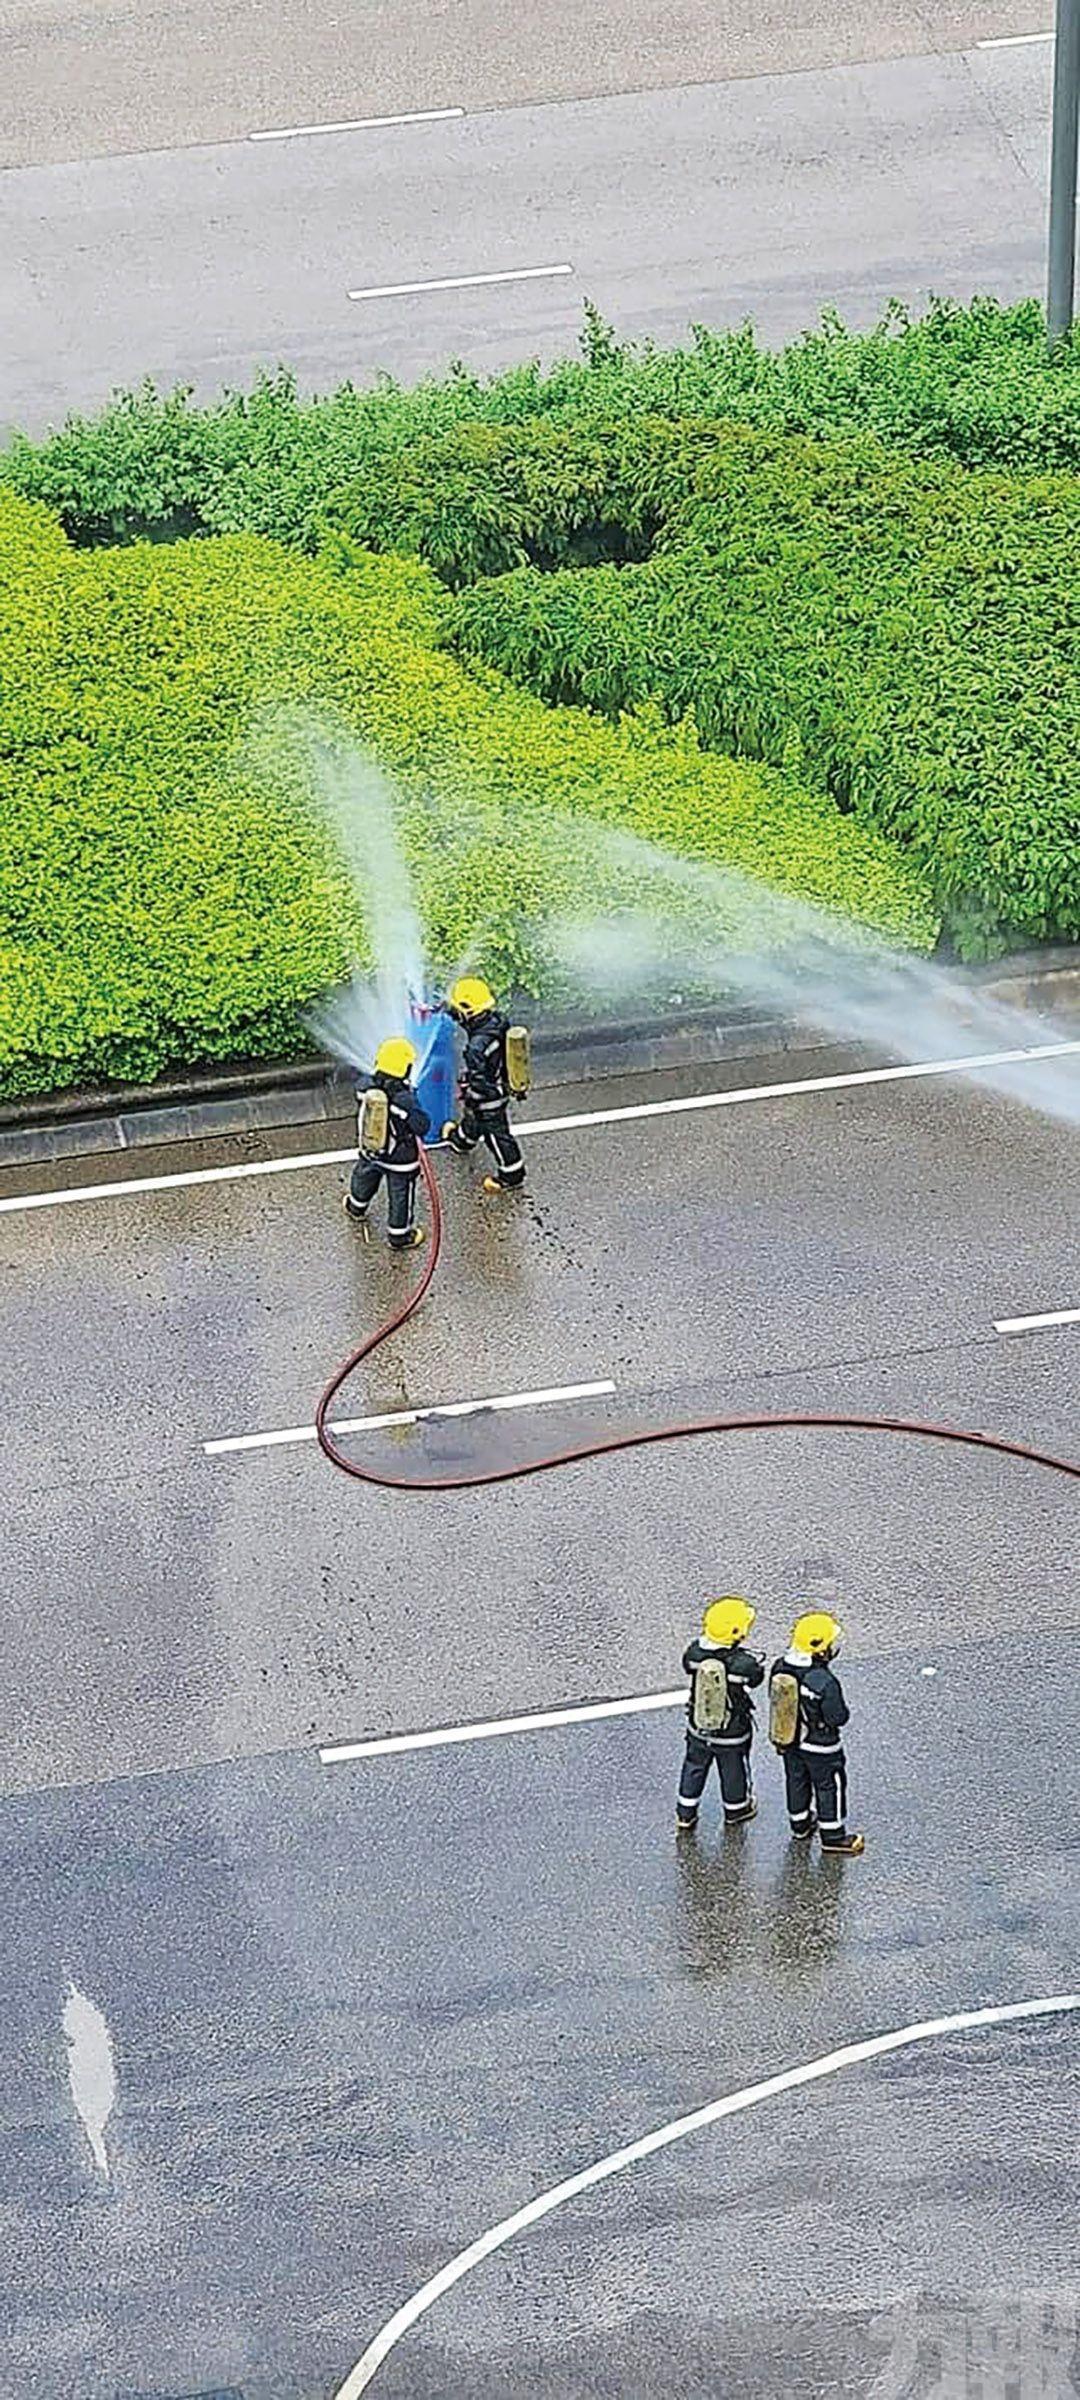 消防降溫 金光大道一段封閉逾兩小時